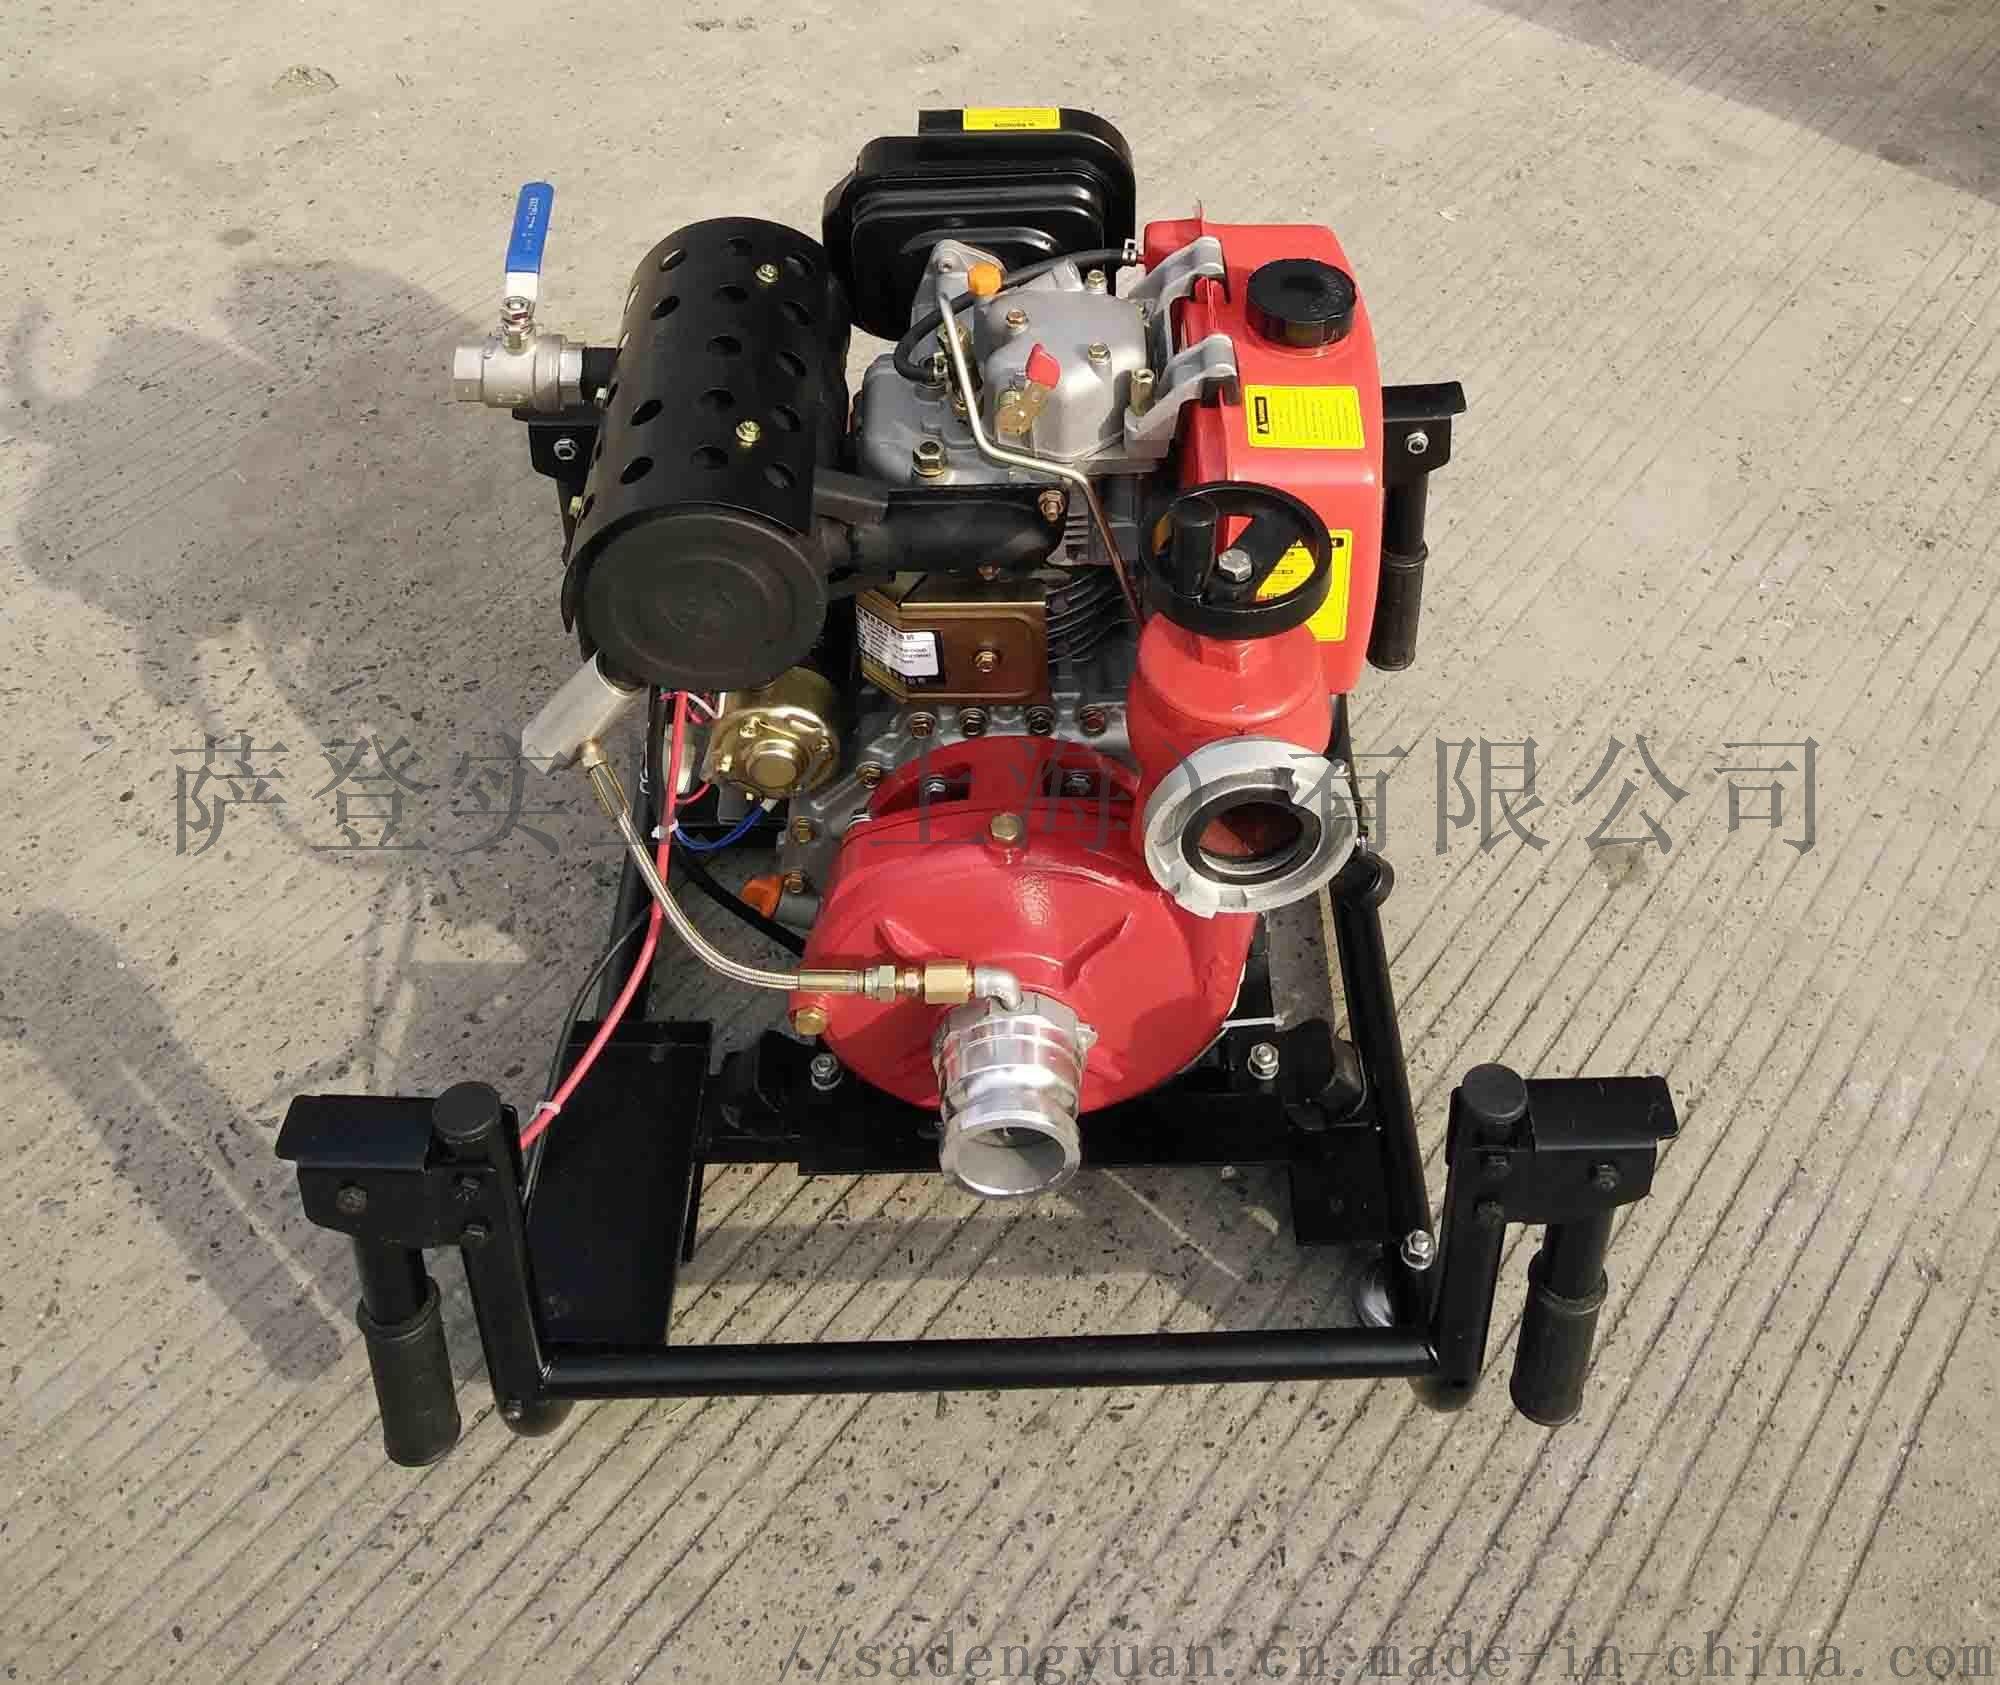 上海薩登消防泵2.5寸廠家直銷849407225